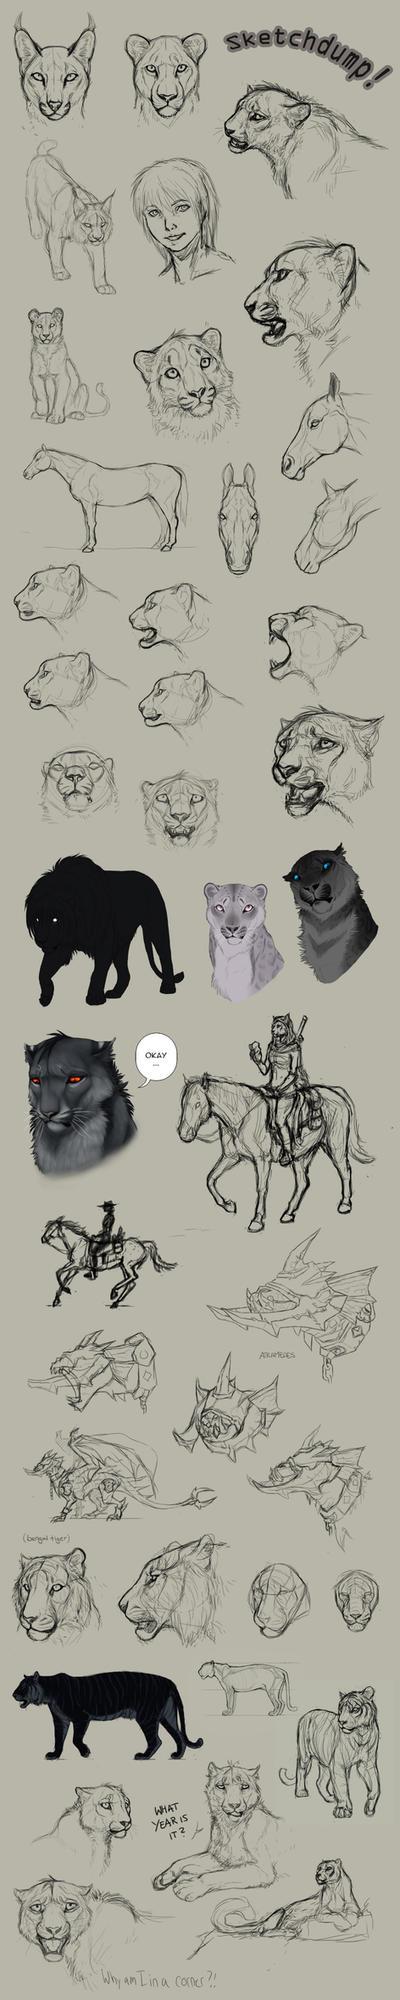 Tumblr Sketchdump of Enormity by DeyVarah